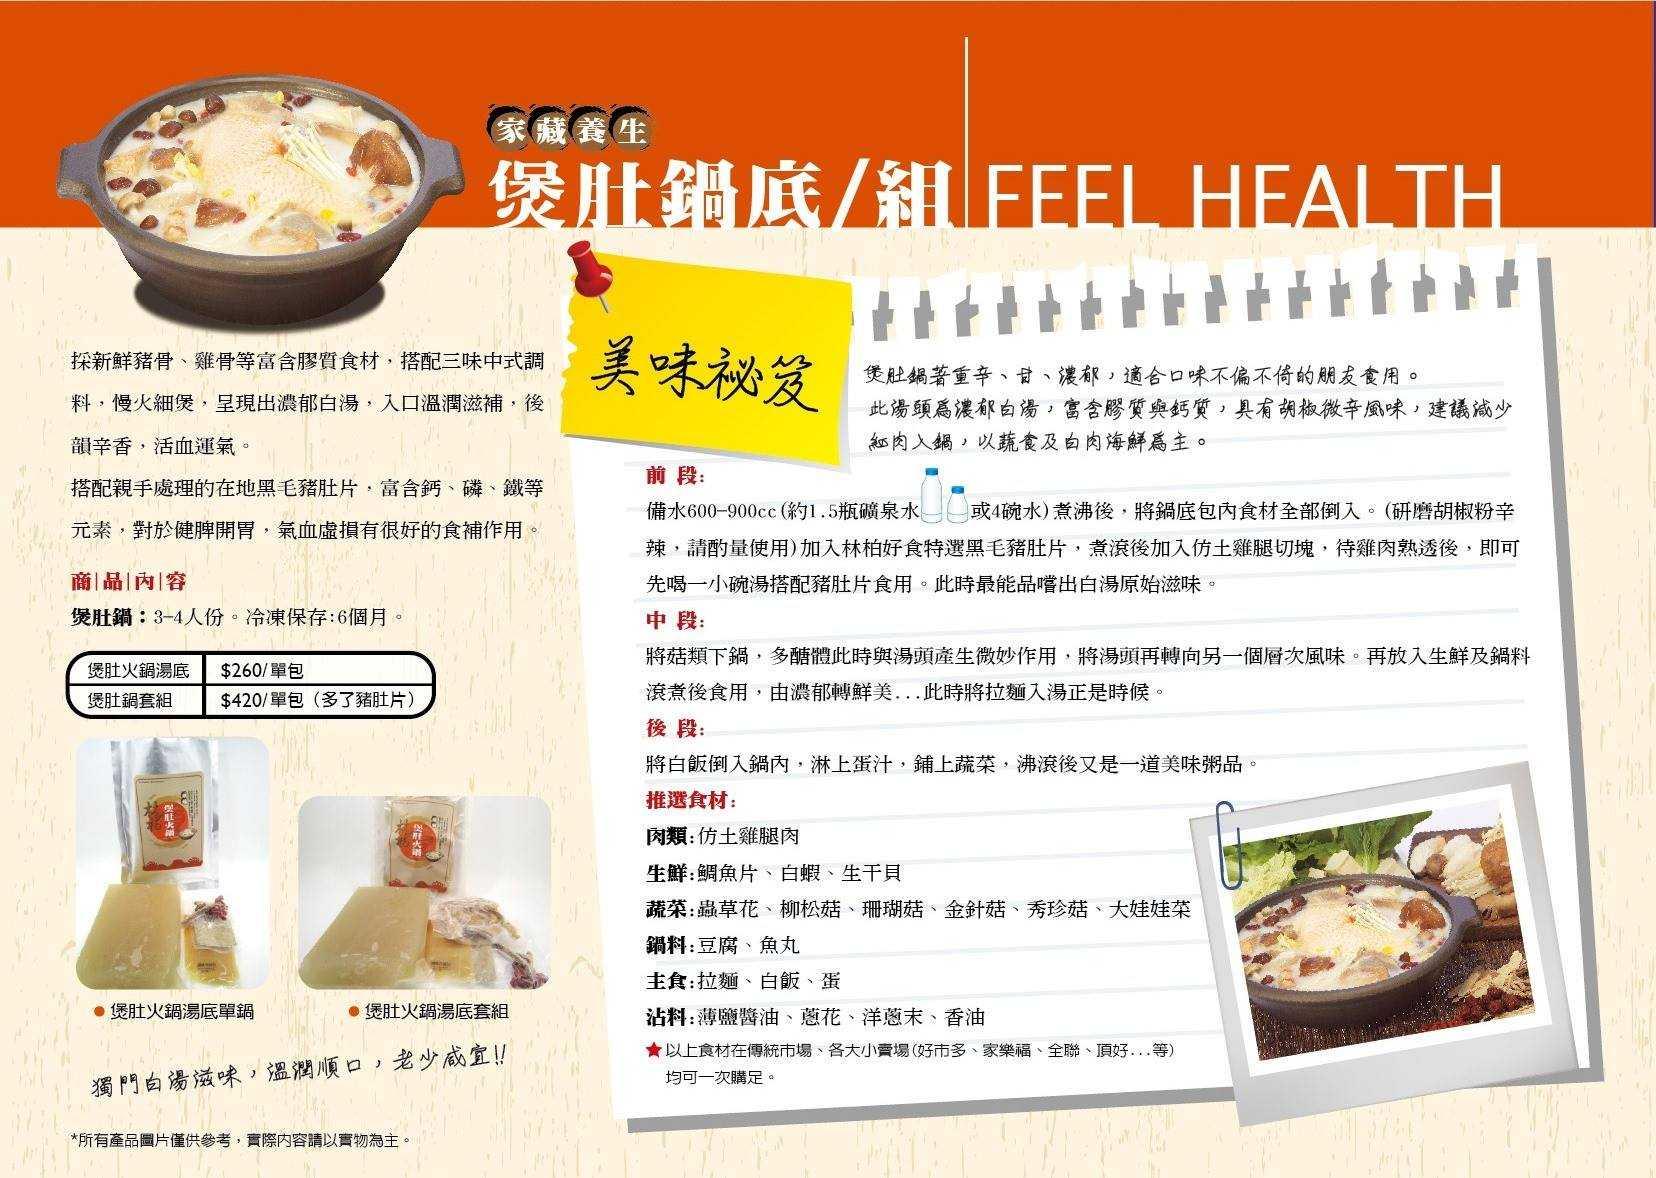 【林柏好食】煲肚鍋套組-煲肚鍋底+豬肚片/4人份